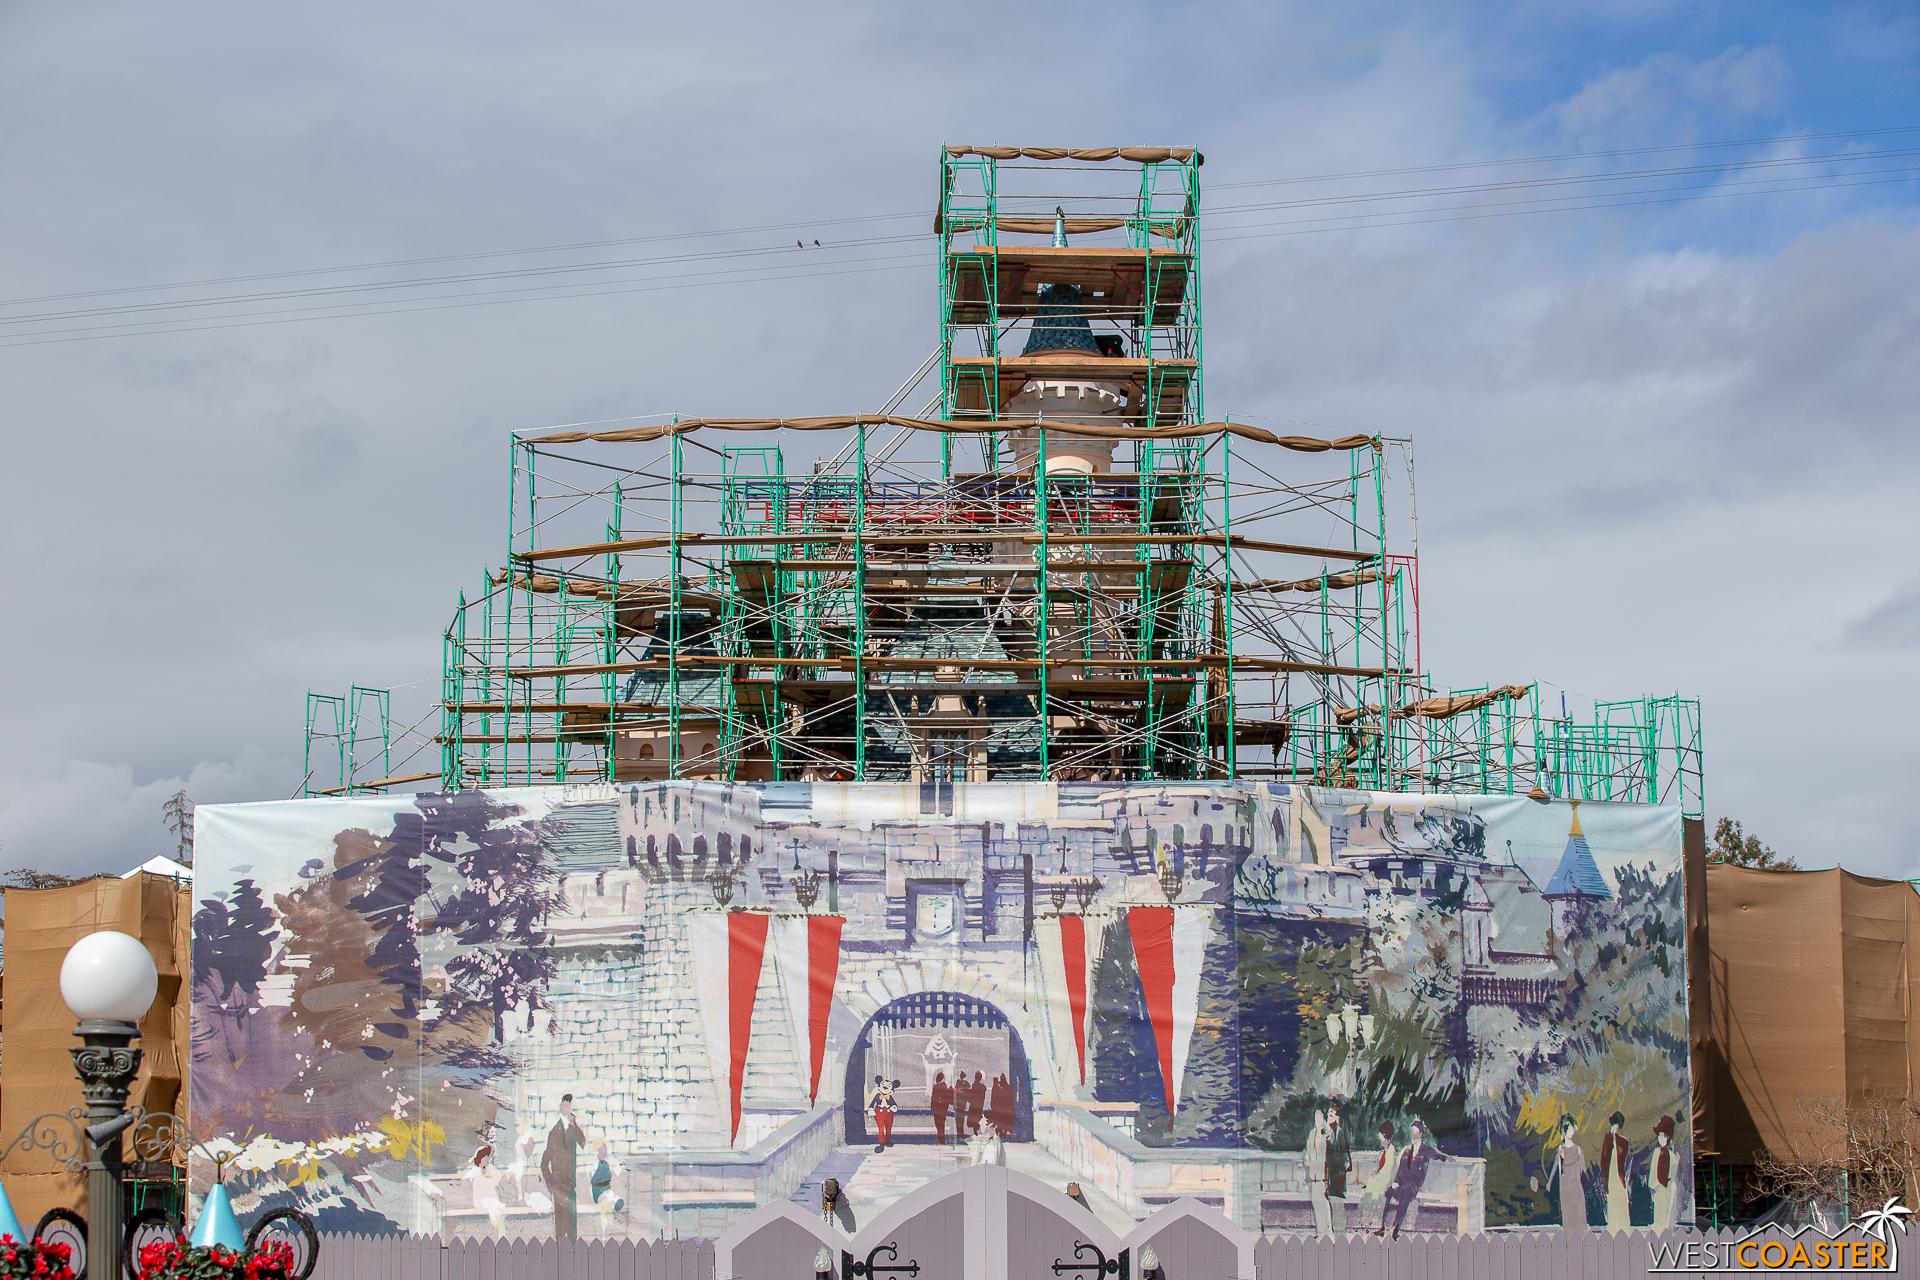 Westcoaster Disneyland Update 2-19-12.jpg